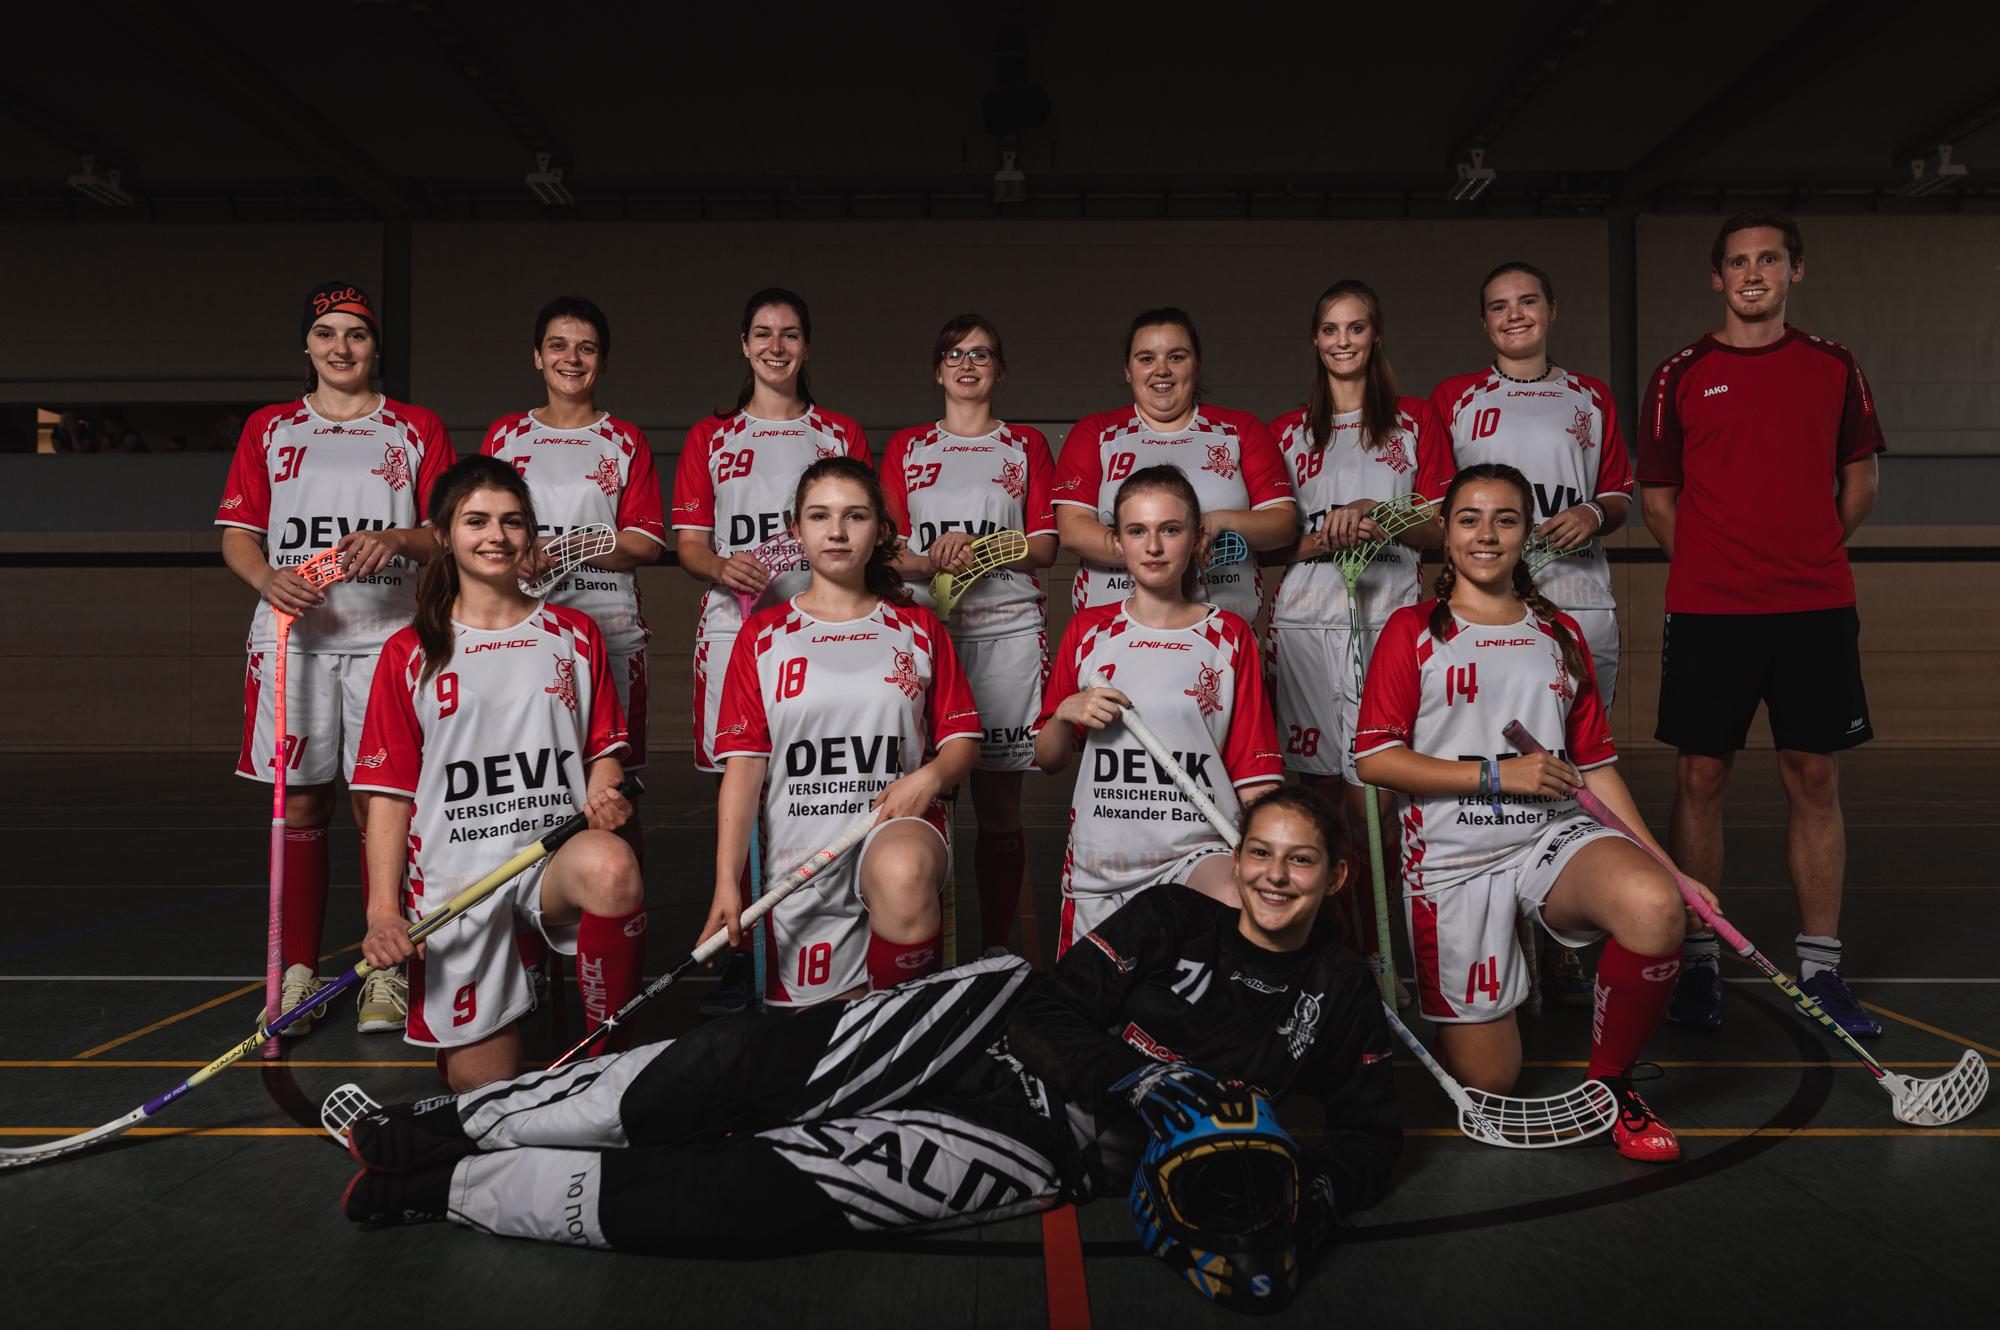 Damen in der Saison 2018/2019